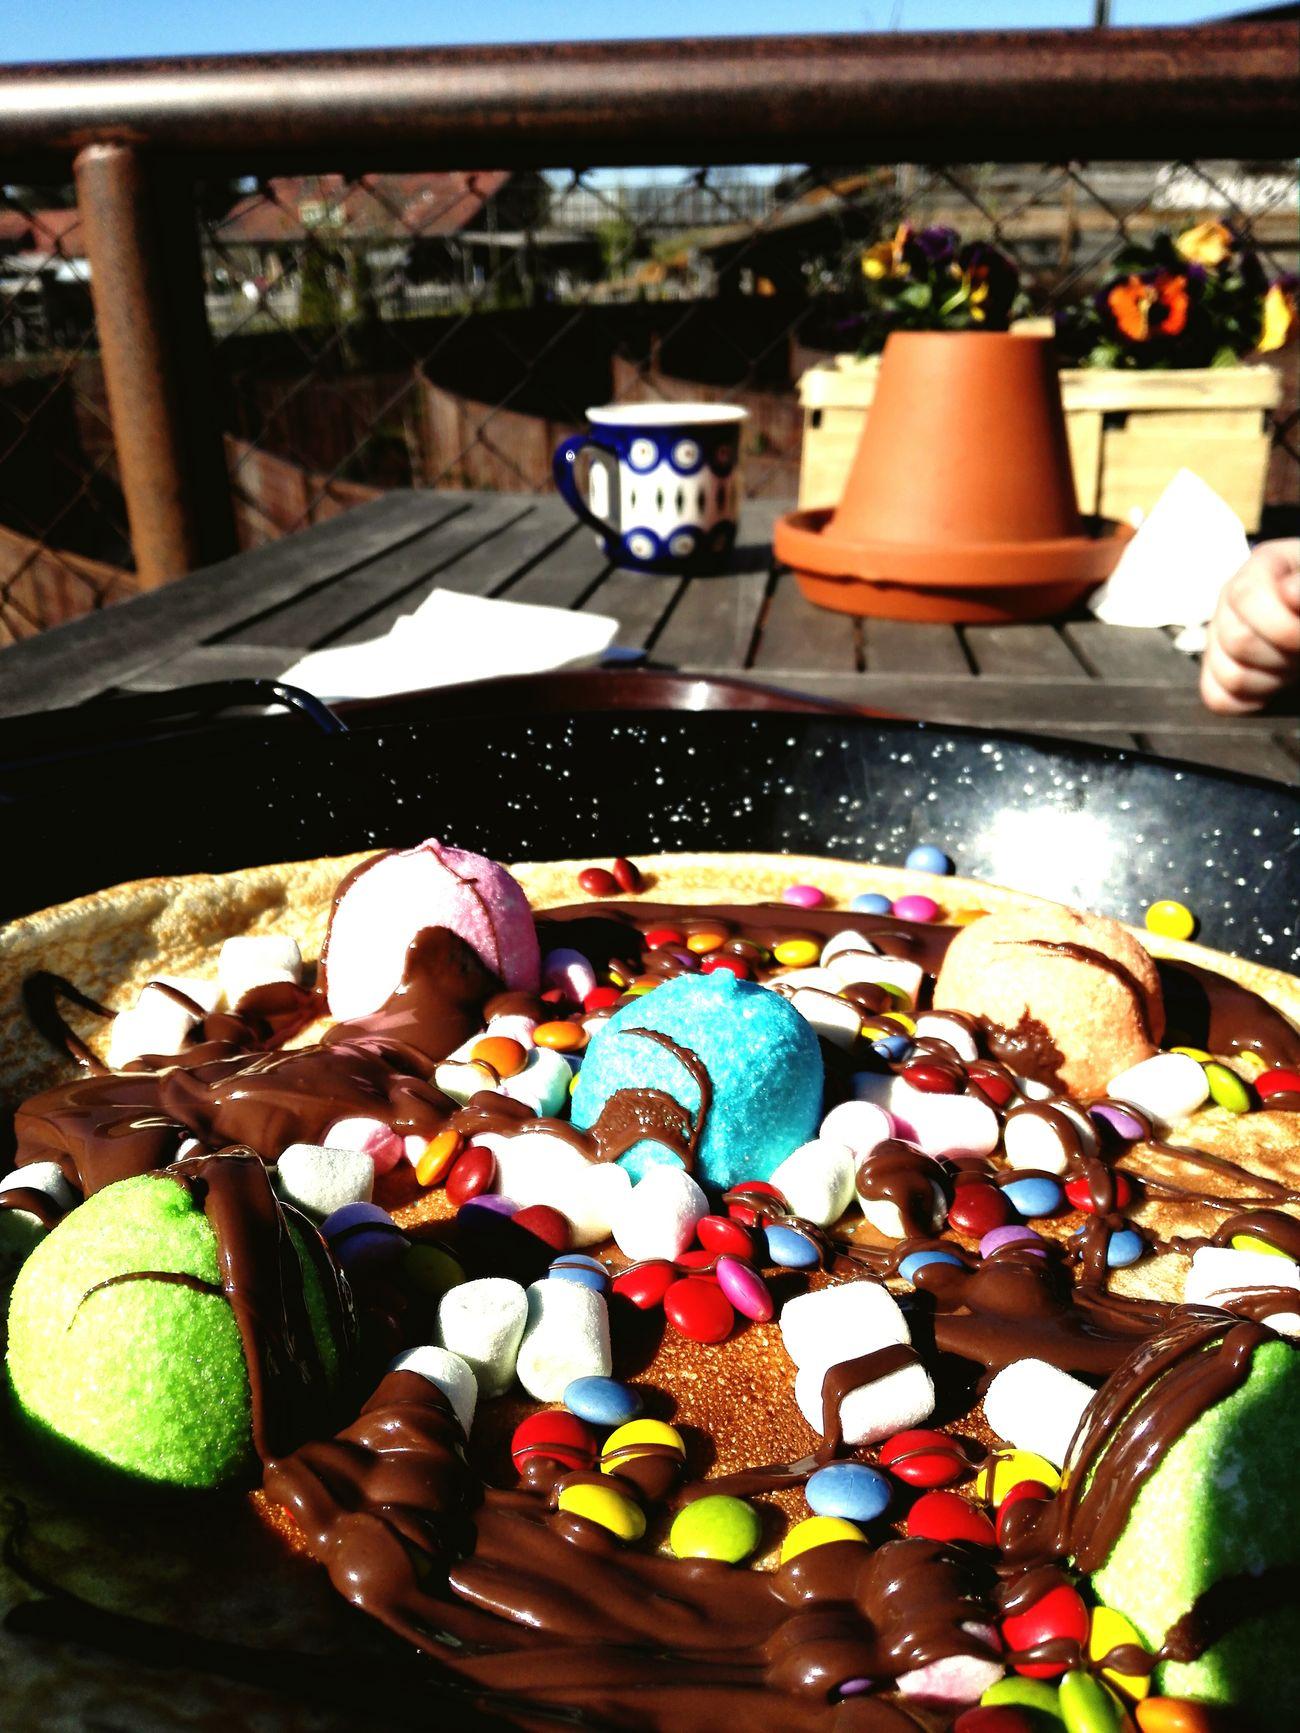 Eierkuchen Karl's Erdbeerhof Foodporn Coffee And Sweets